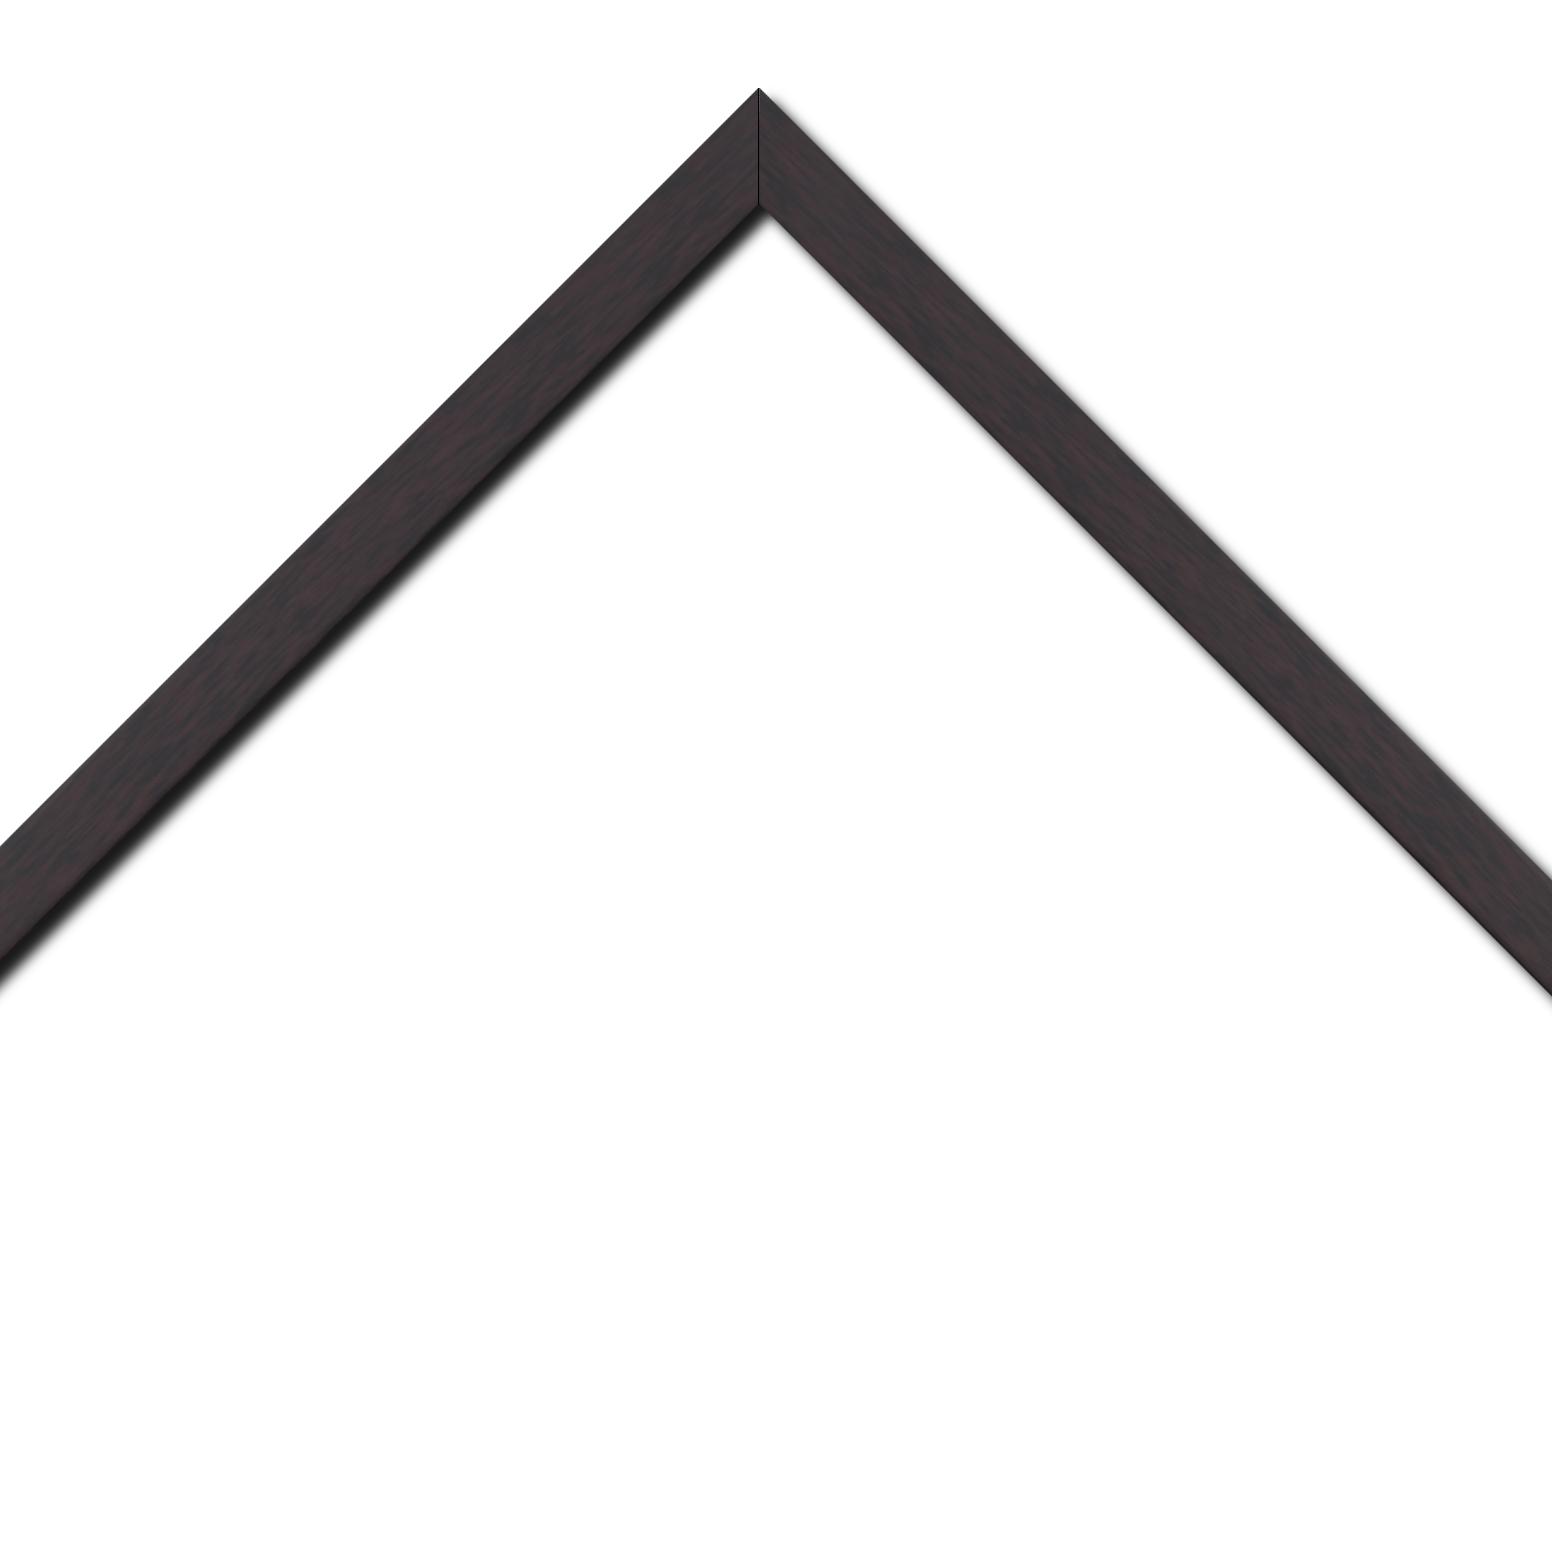 Baguette bois profil plat effet cube largeur 2cm couleur ton bois palissandre